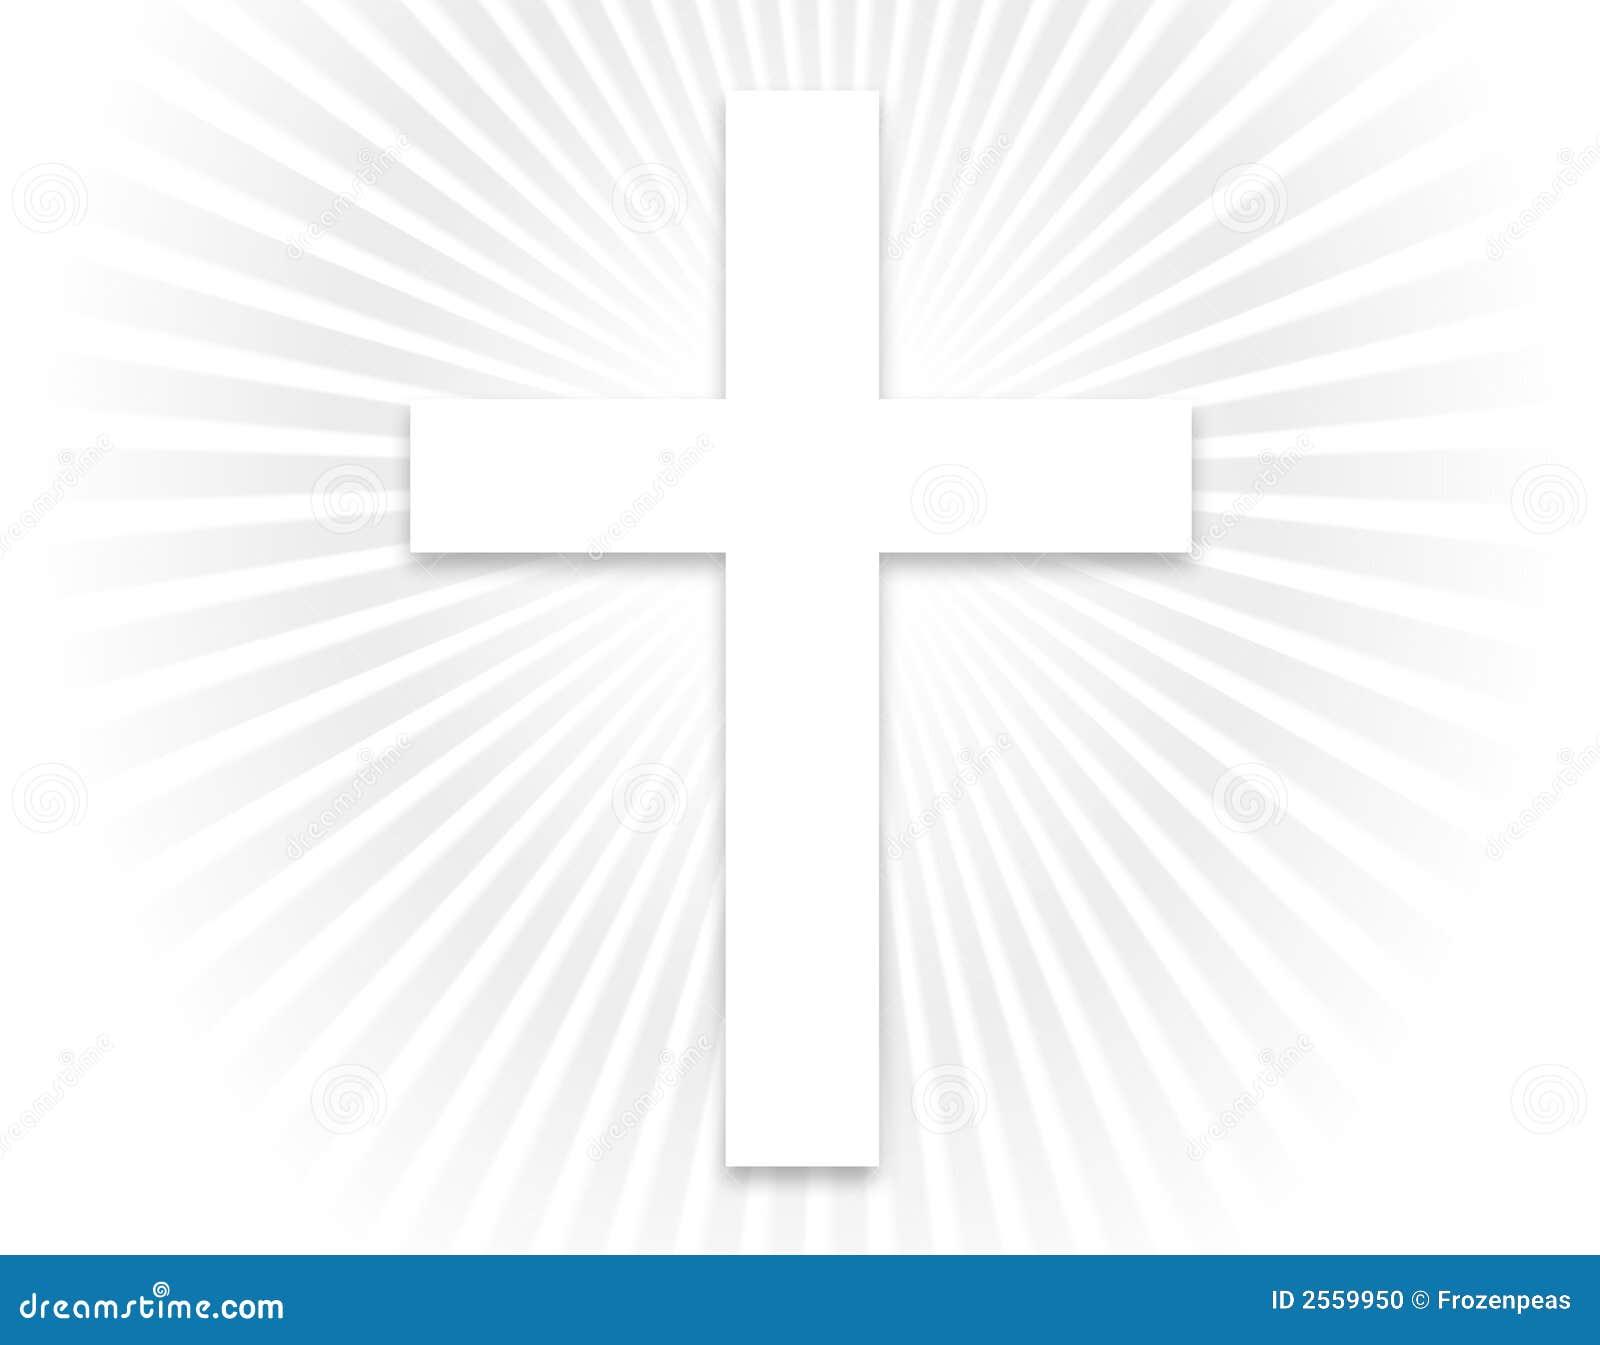 Catholic baptism symbols more information kopihijau catholic baptism symbols biocorpaavc Image collections